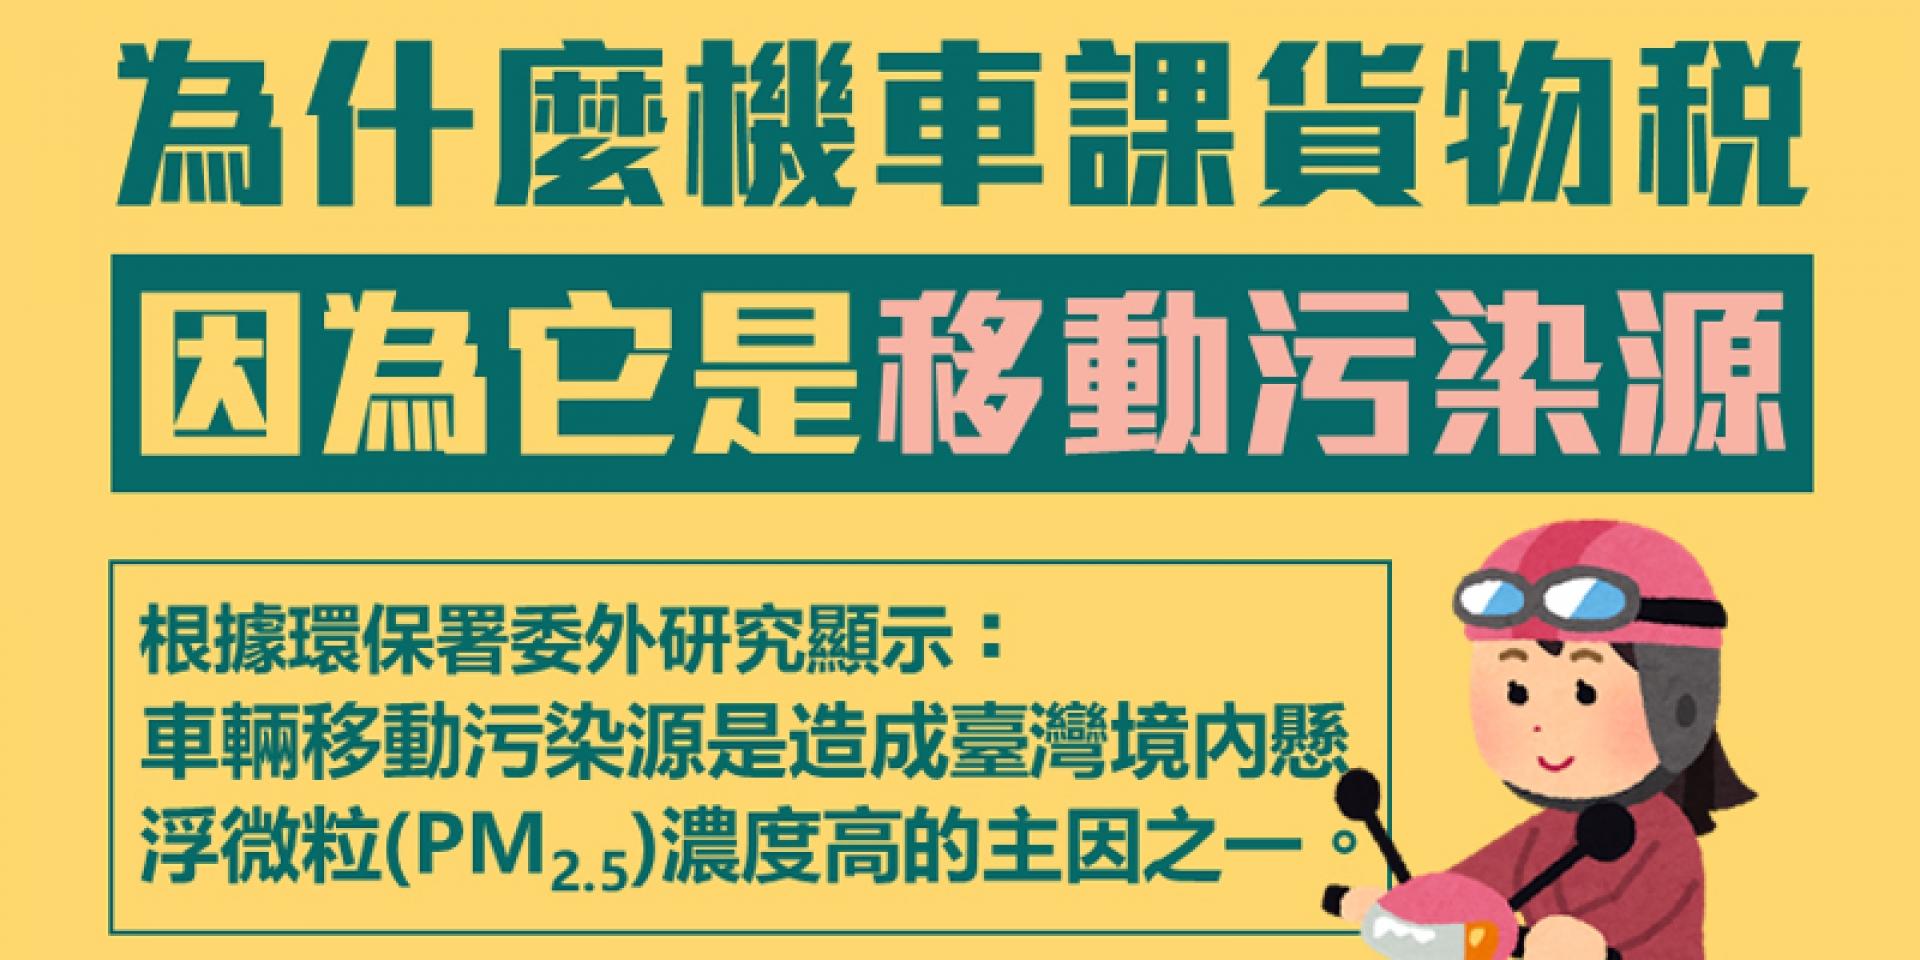 貨物稅不降了?財政部:機車是移動污染源,所以要課貨物稅!